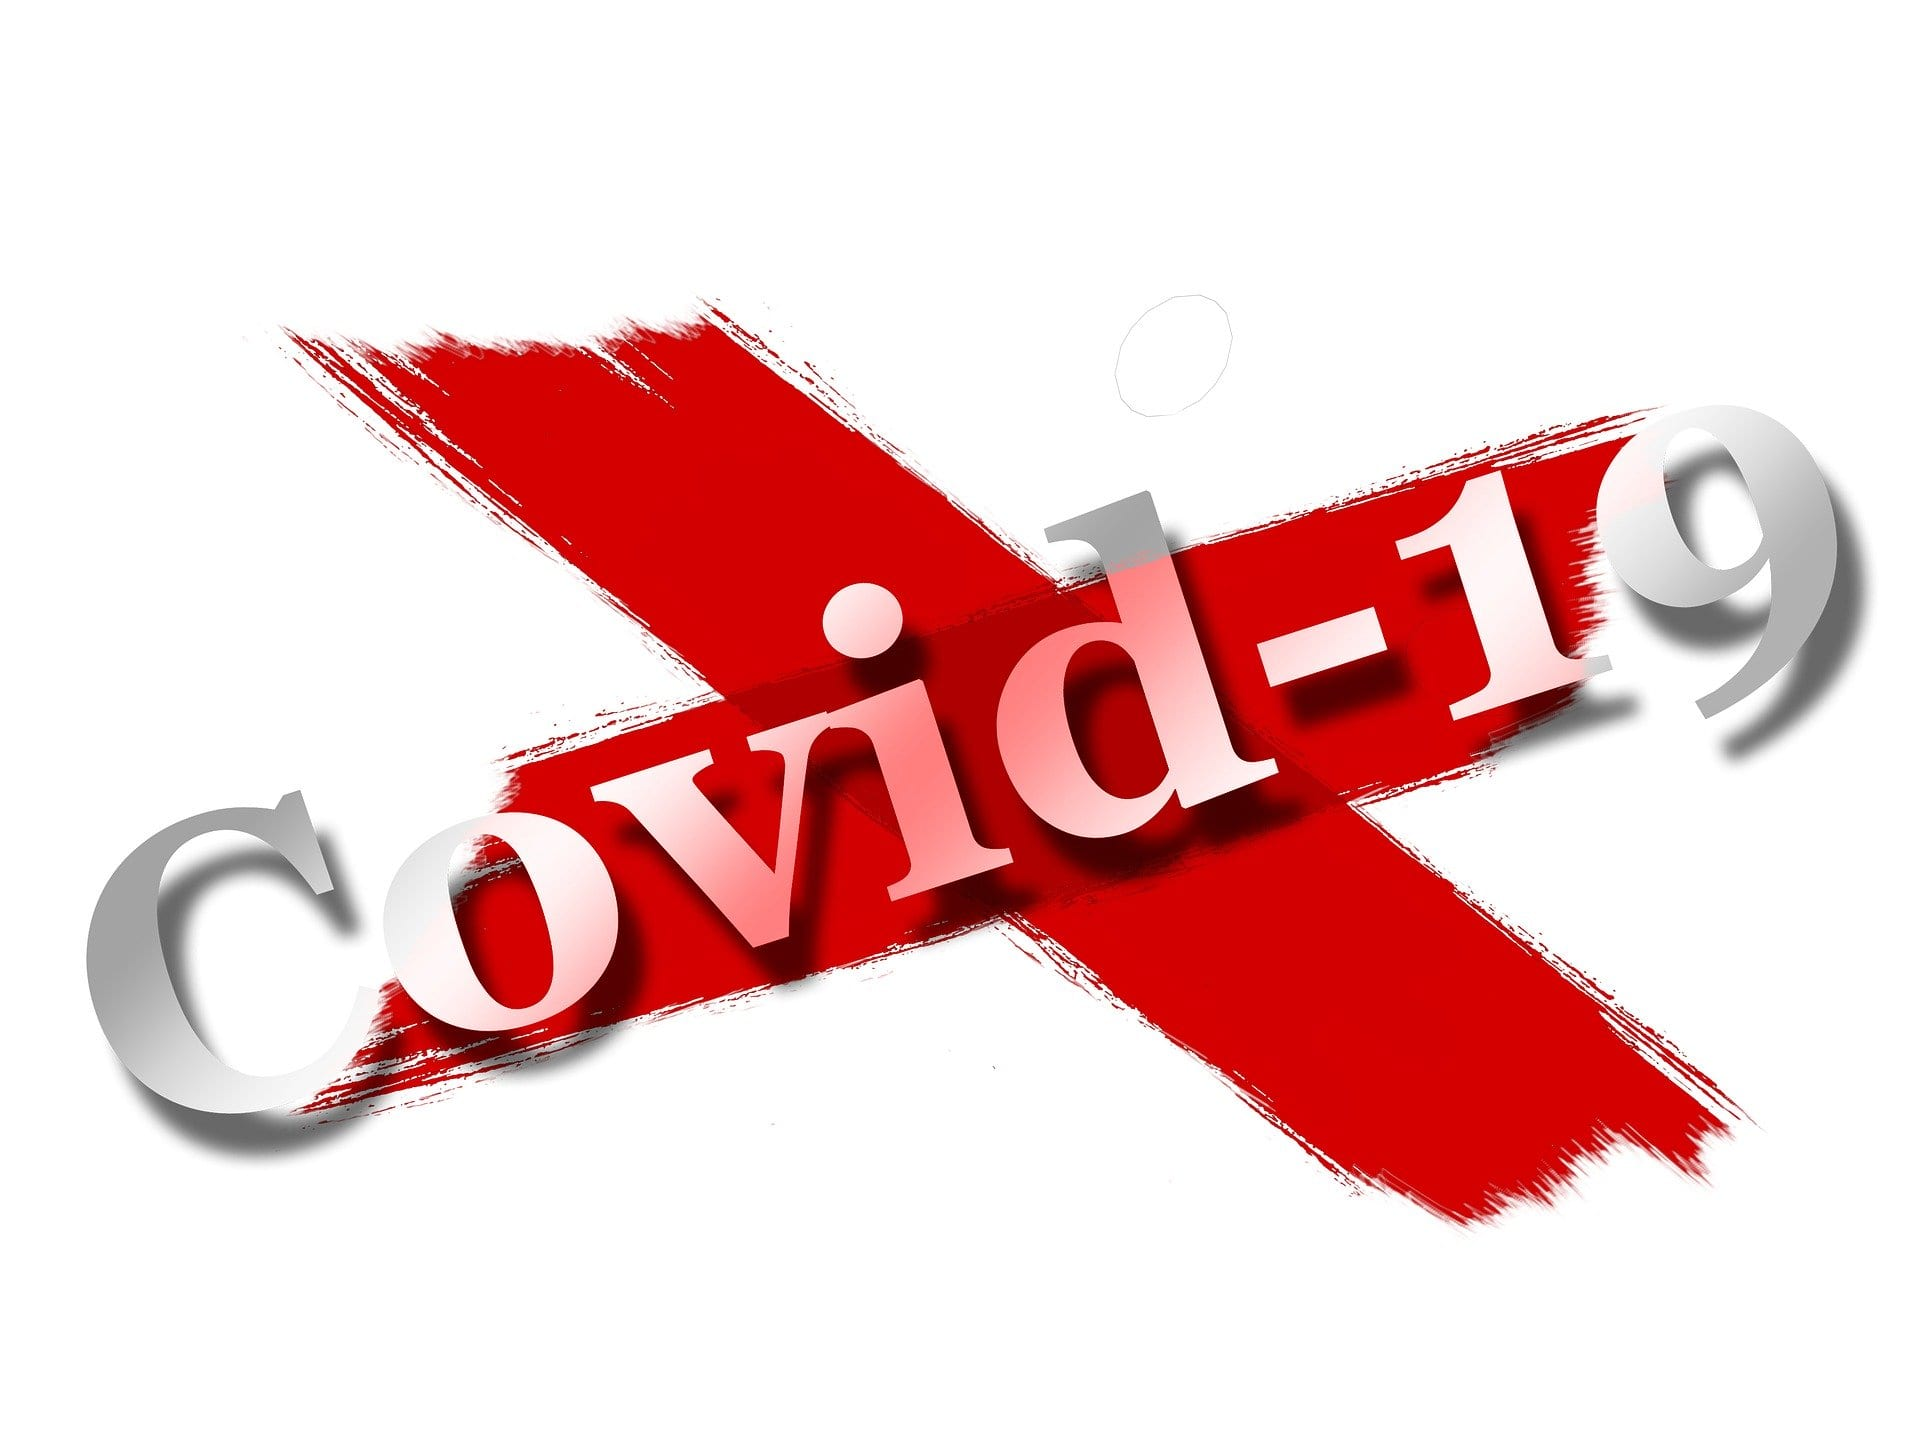 Об изменениях в обслуживании клиентов во время глобальной пандемии Covid-19